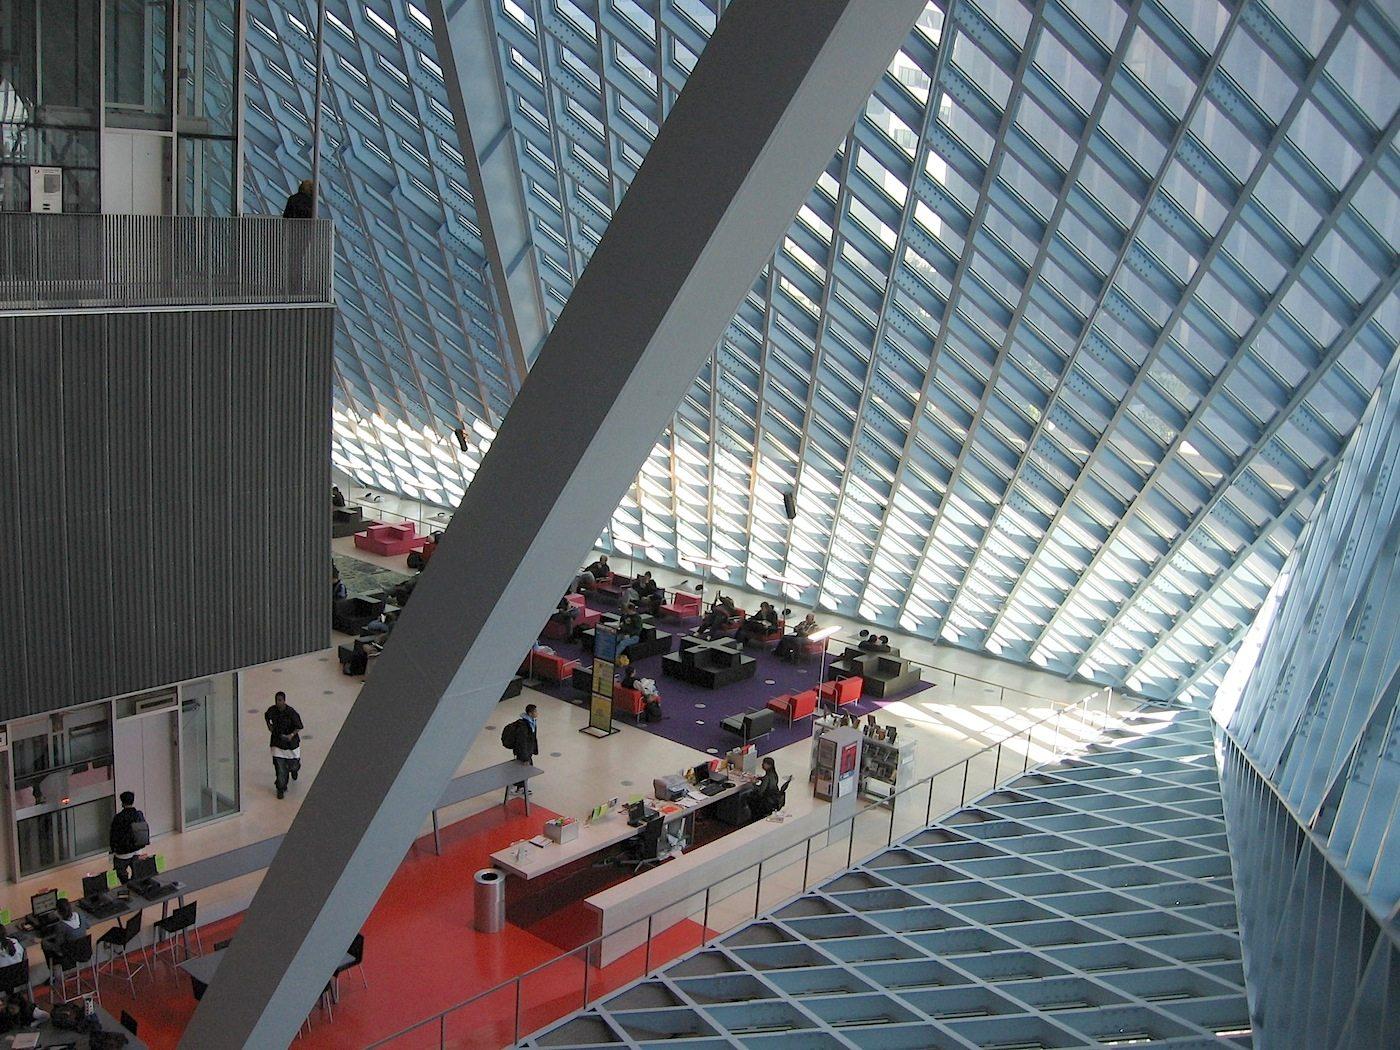 Seattle Central Library. Bei den Leseplätzen vergrößert sich der Lichteinfallswinkel, da die darüberliegende Ebene zurückversetzt ist. Tageslicht fällt von oben ein.